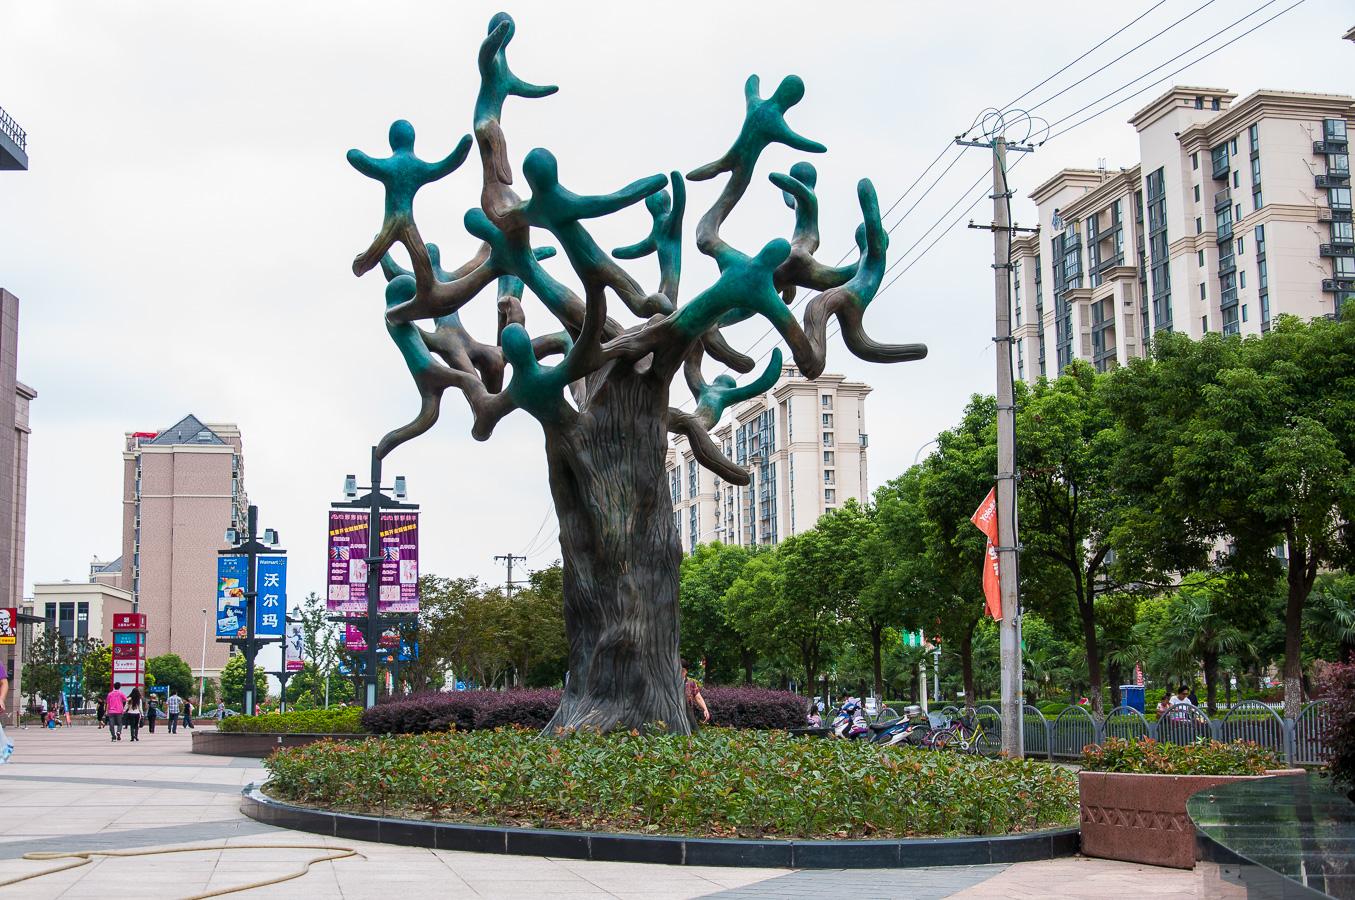 Harmony, by Beatriz Gerenstein. Bronze sculpture in Shanghai